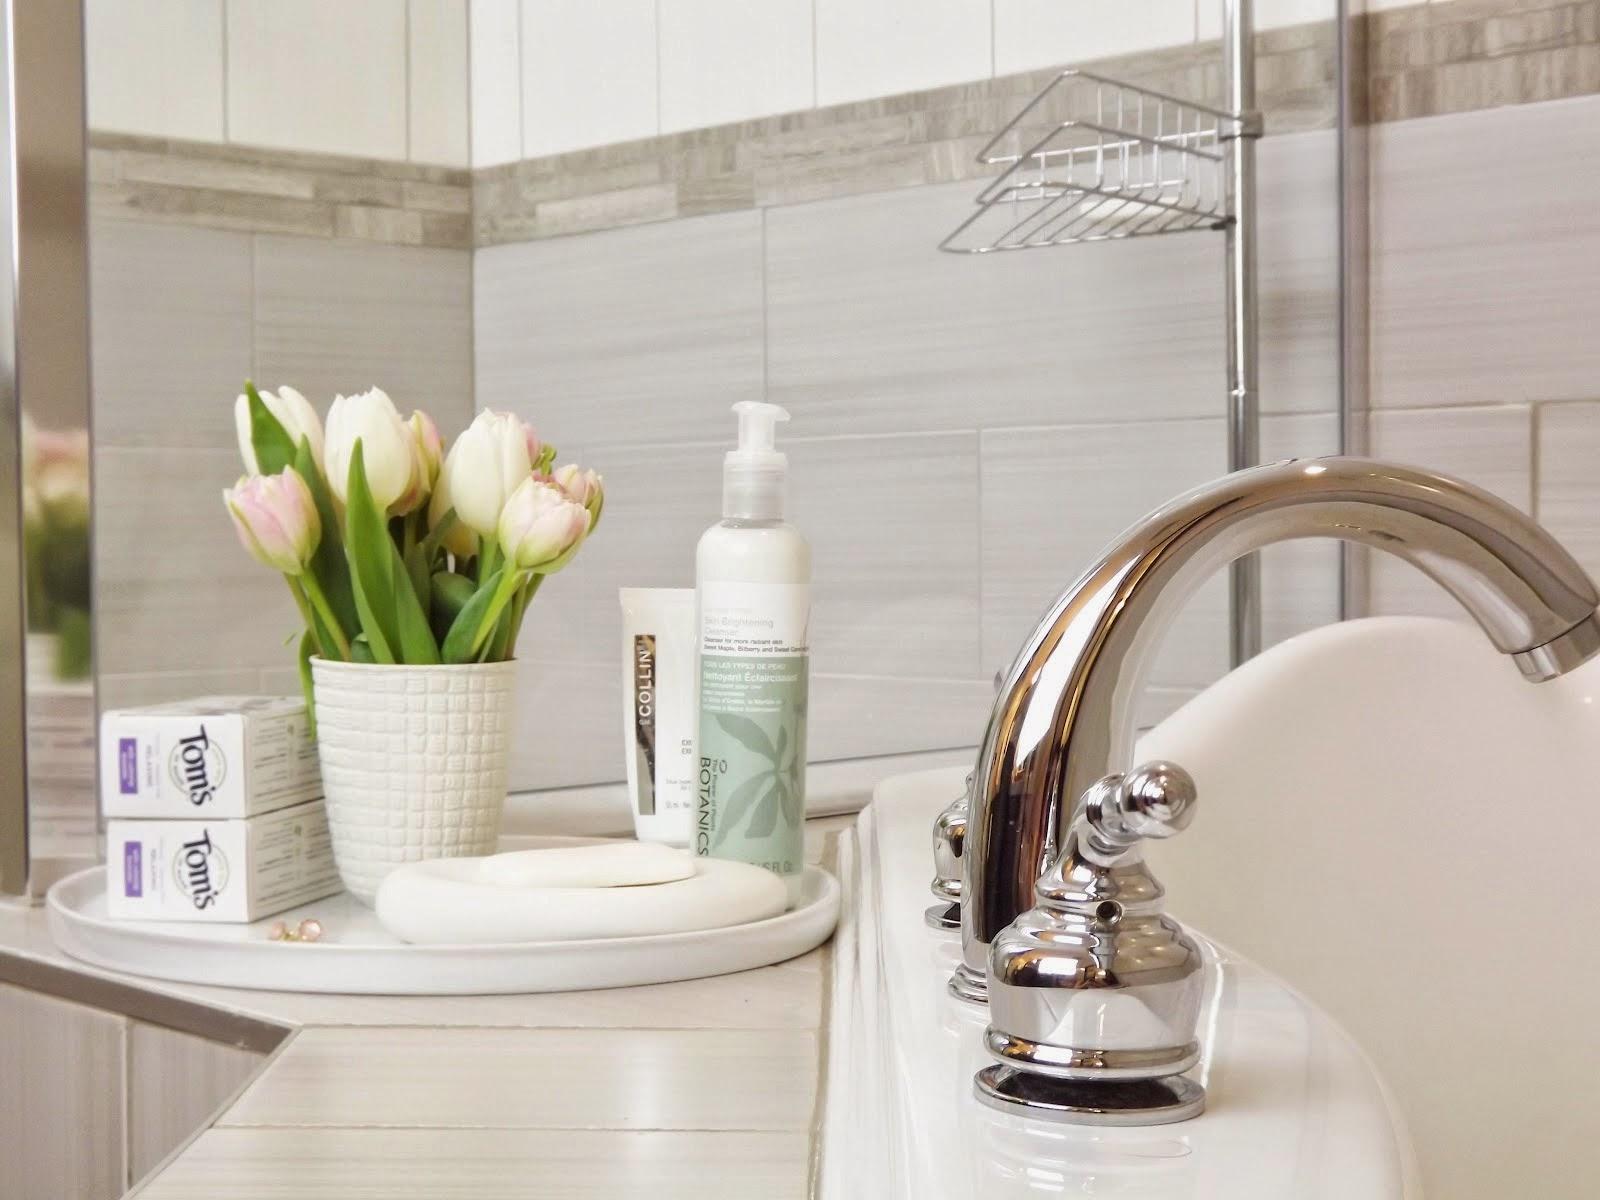 Hoa thơm cạnh bồn tắm acrylic trắng tinh